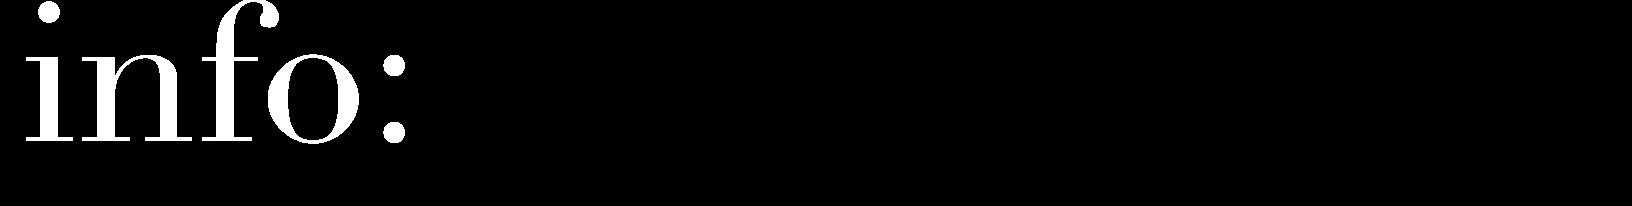 t-titulos-2017